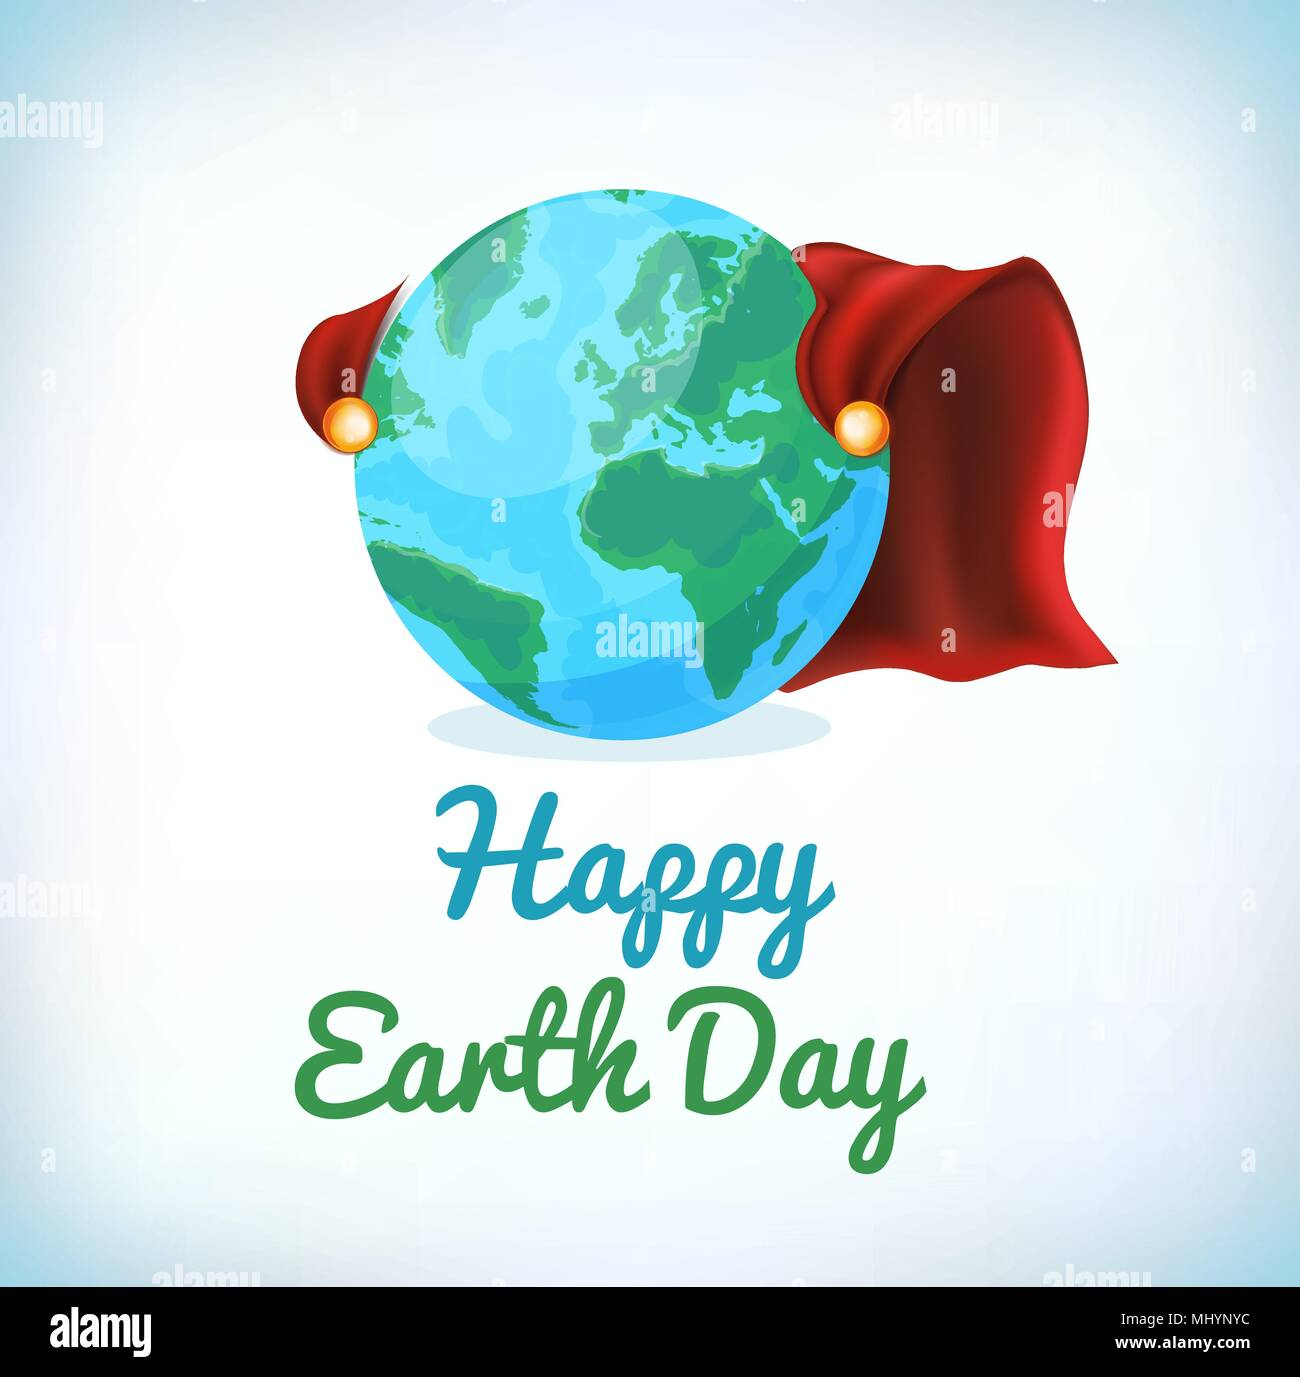 Heureux le jour de la Terre, l'arrière-plan de la carte. Vector illustration pour bannière et poster. Pour l'élément de design cards et invtions. Symbole pour des cartes-cadeaux et de prospectus. Photo Stock